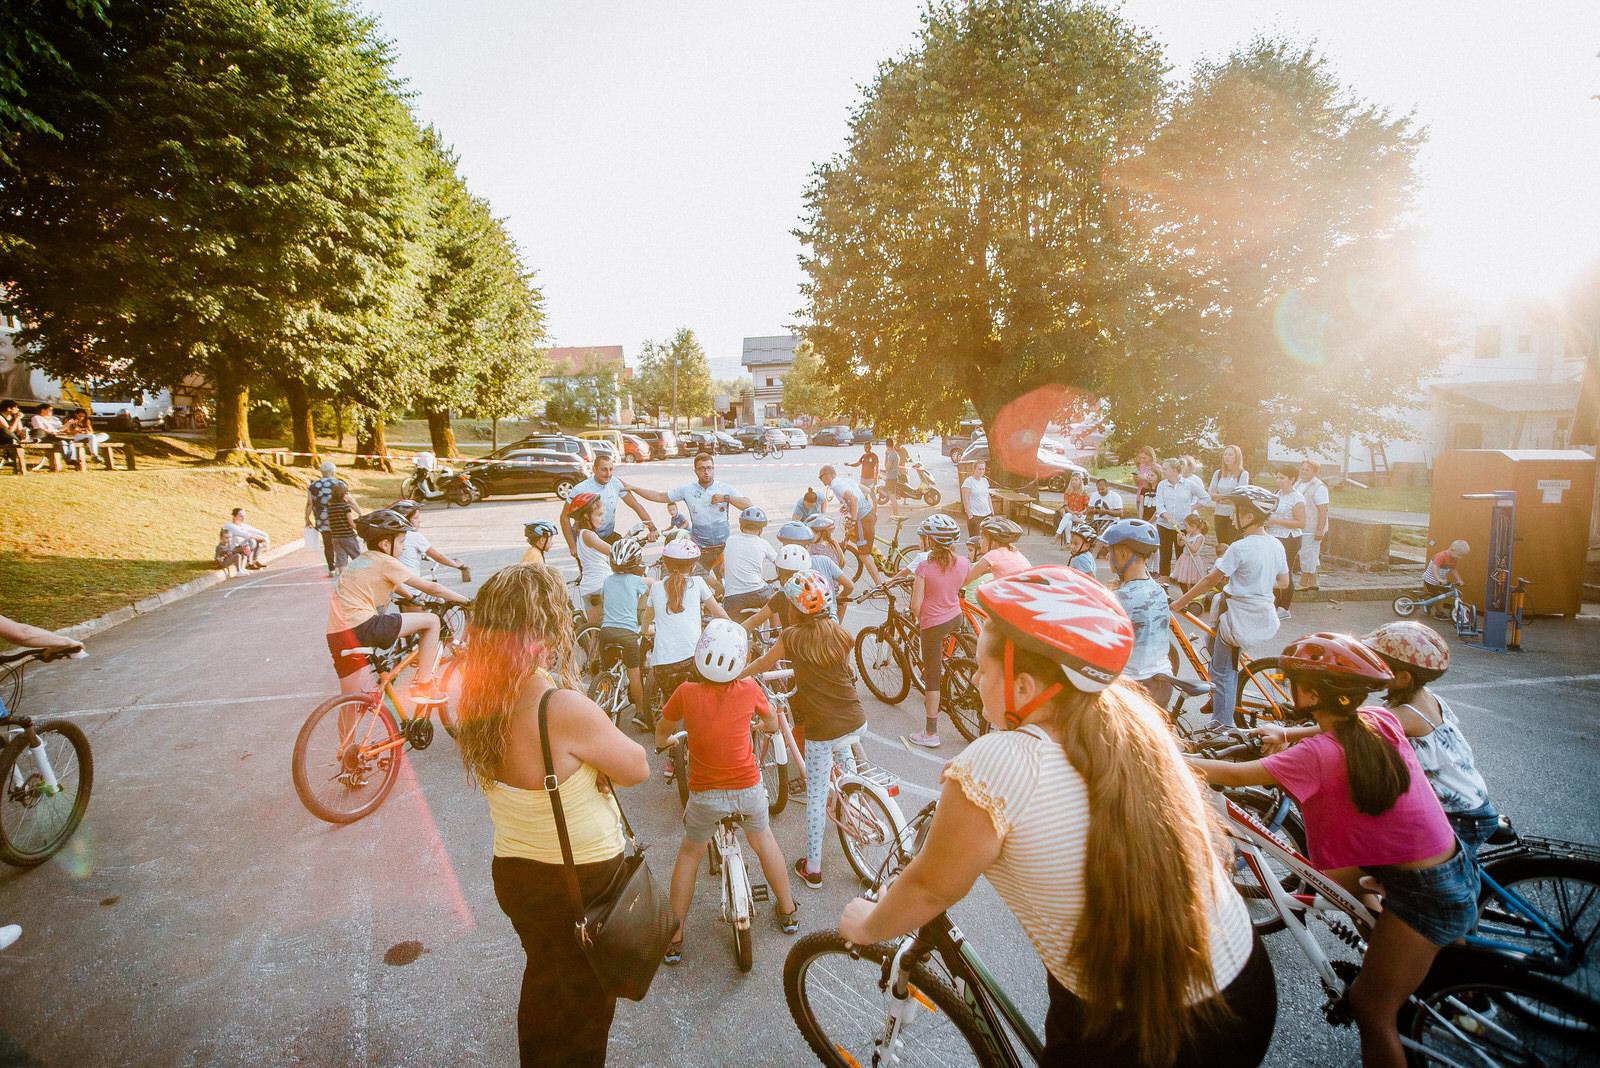 likaclub_rakovica_1-mala-biciklijada_2019-17